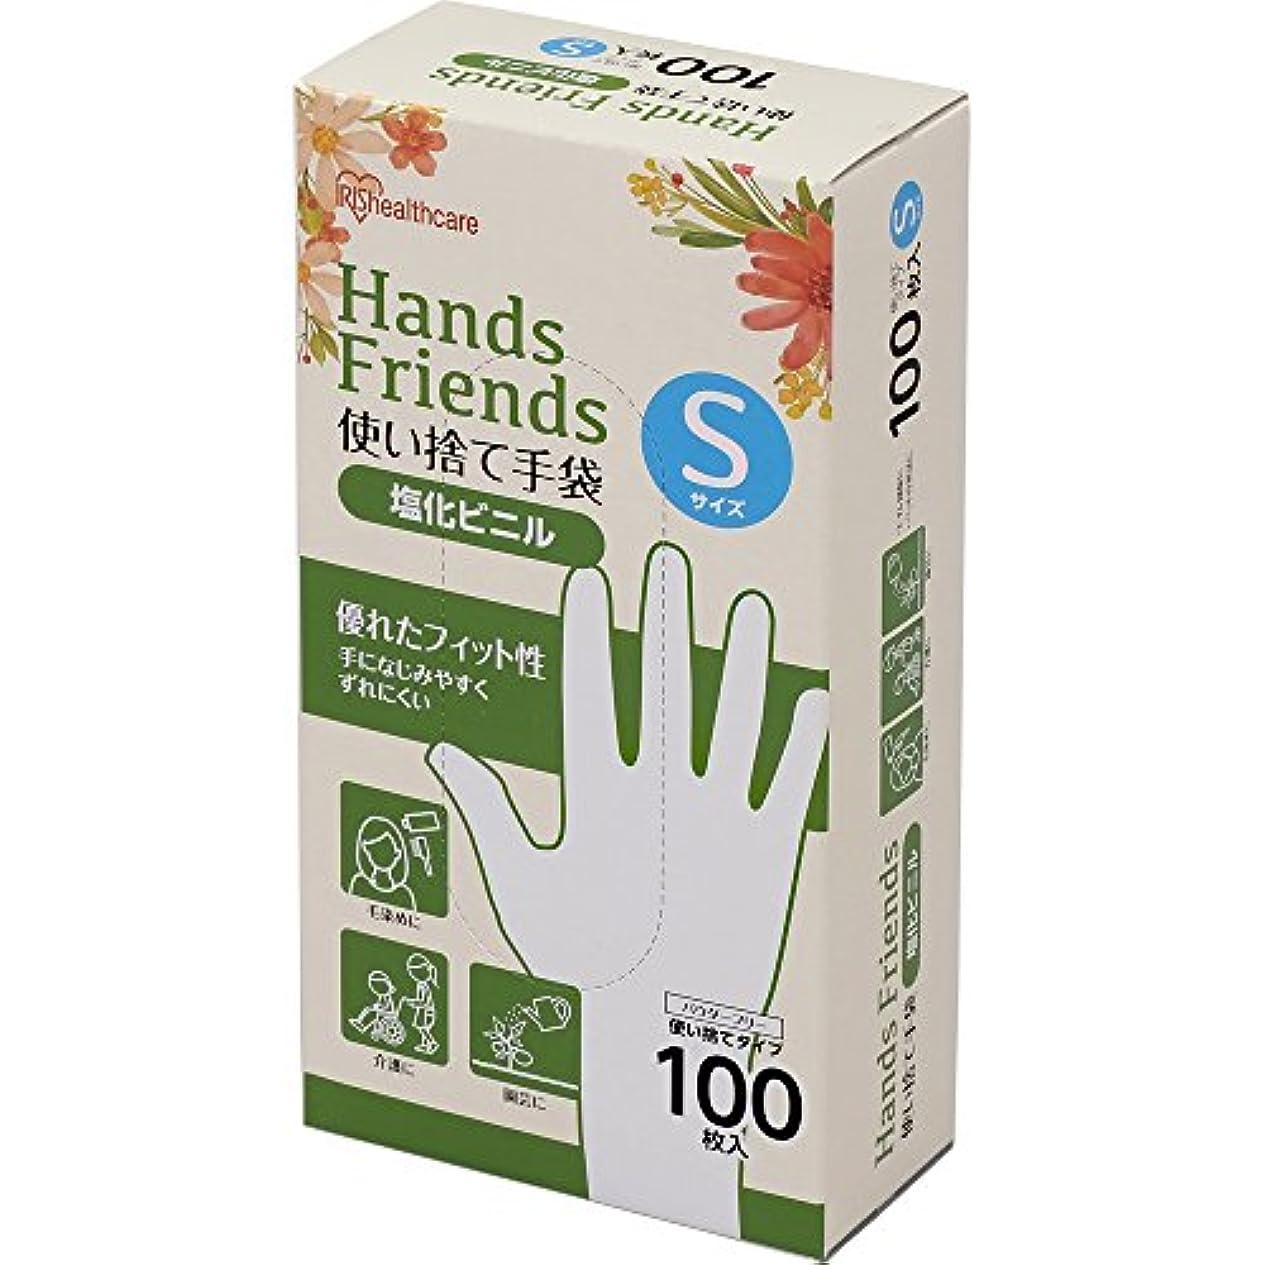 球体請願者チャペル使い捨て手袋 クリア 塩化ビニル 100枚 Sサイズ PVC-100S